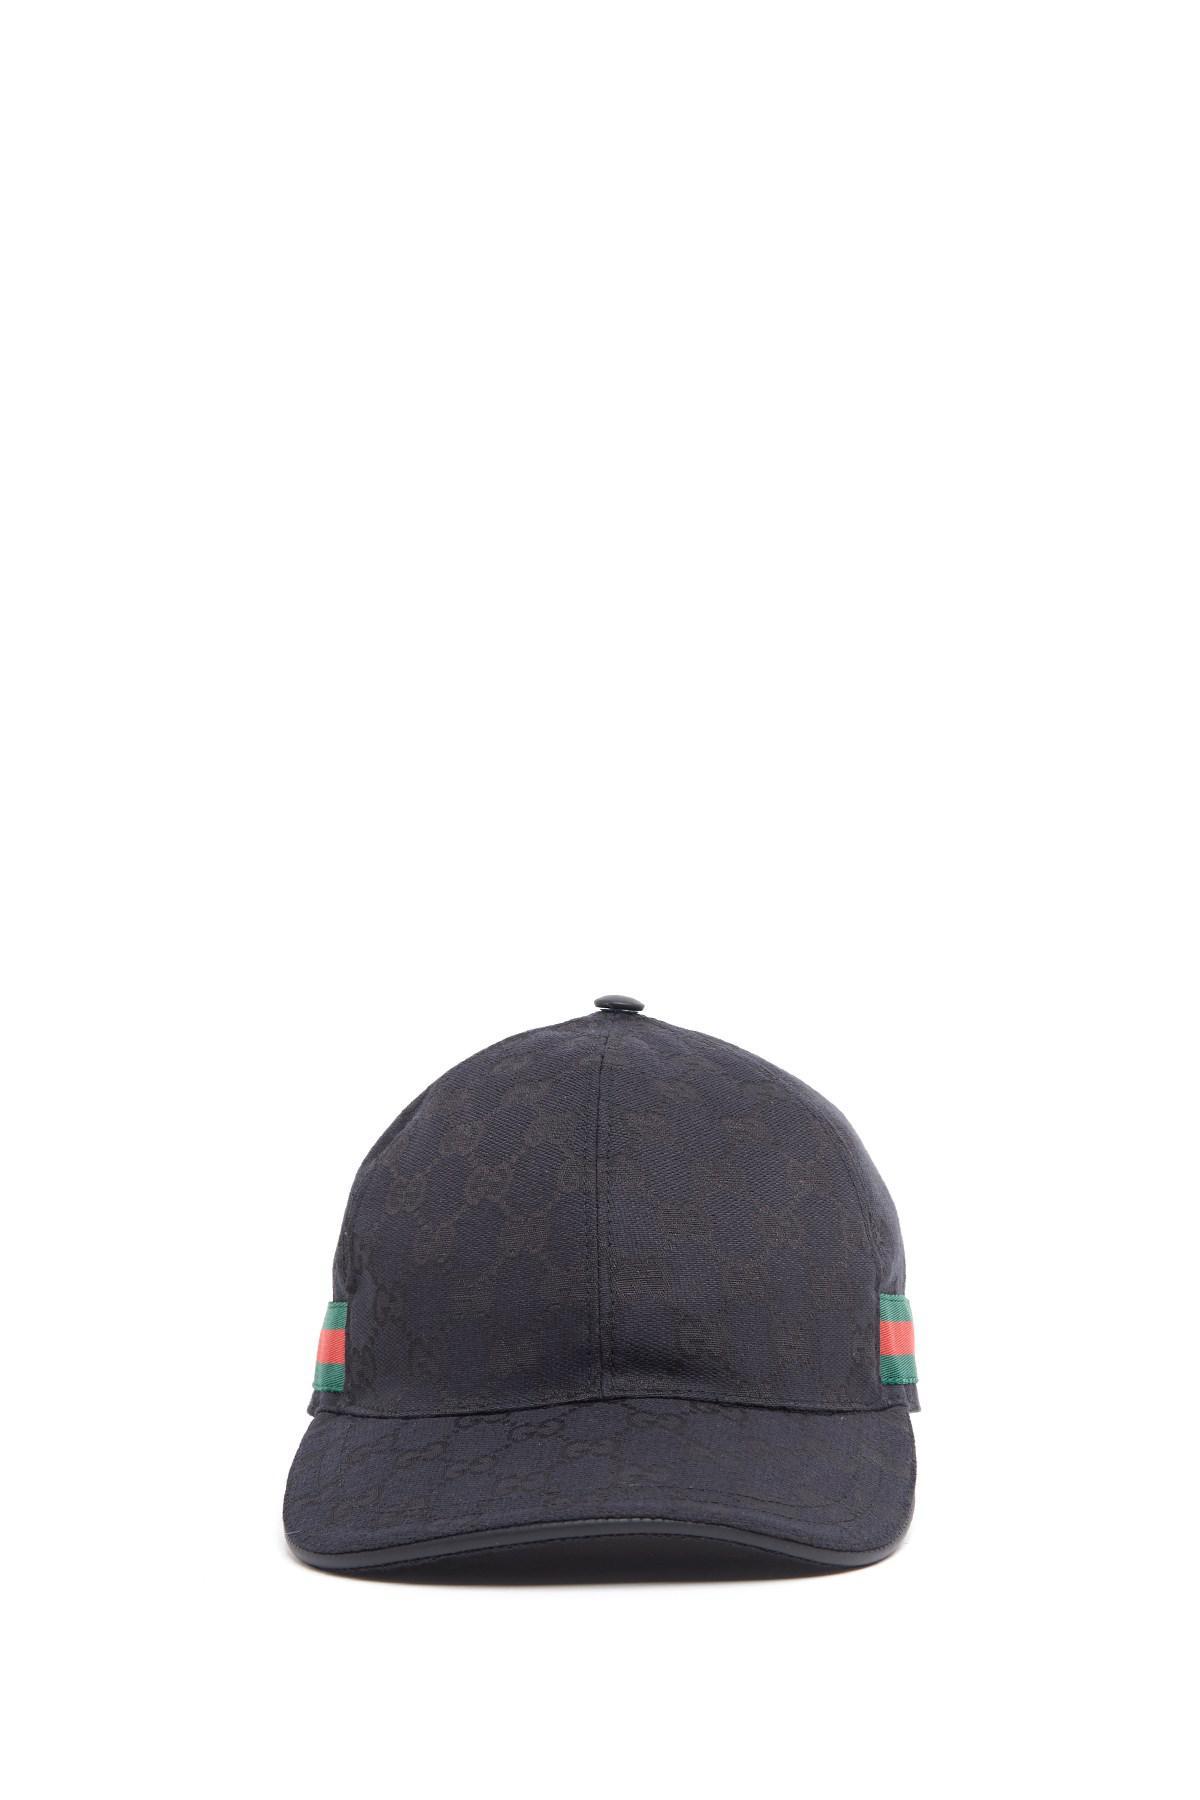 Lyst - Gucci Web Cap in Black for Men ce46e9ab50f